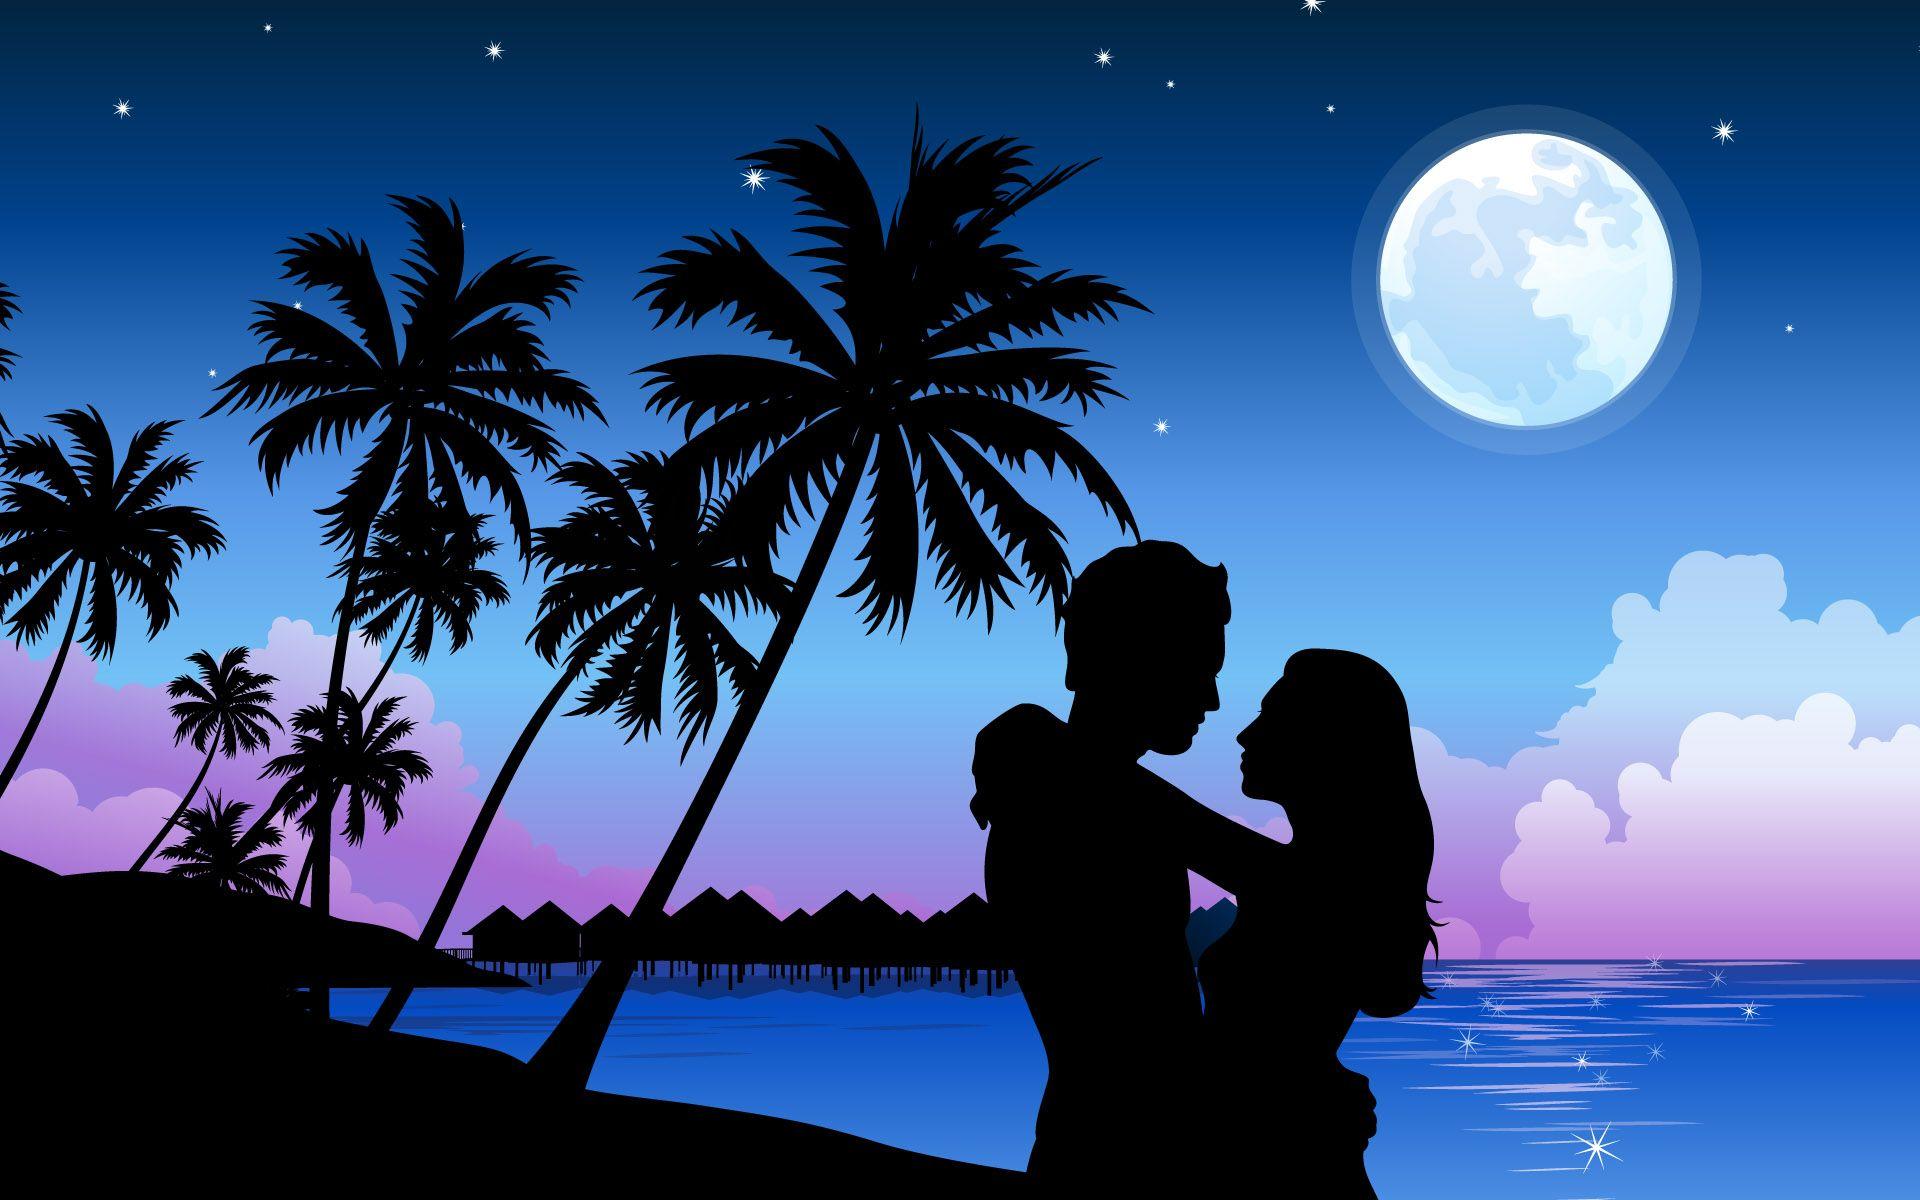 Popular Wallpaper Night Couple - 2fbe437e08e45598f994c945cfbdf172  Pic.jpg